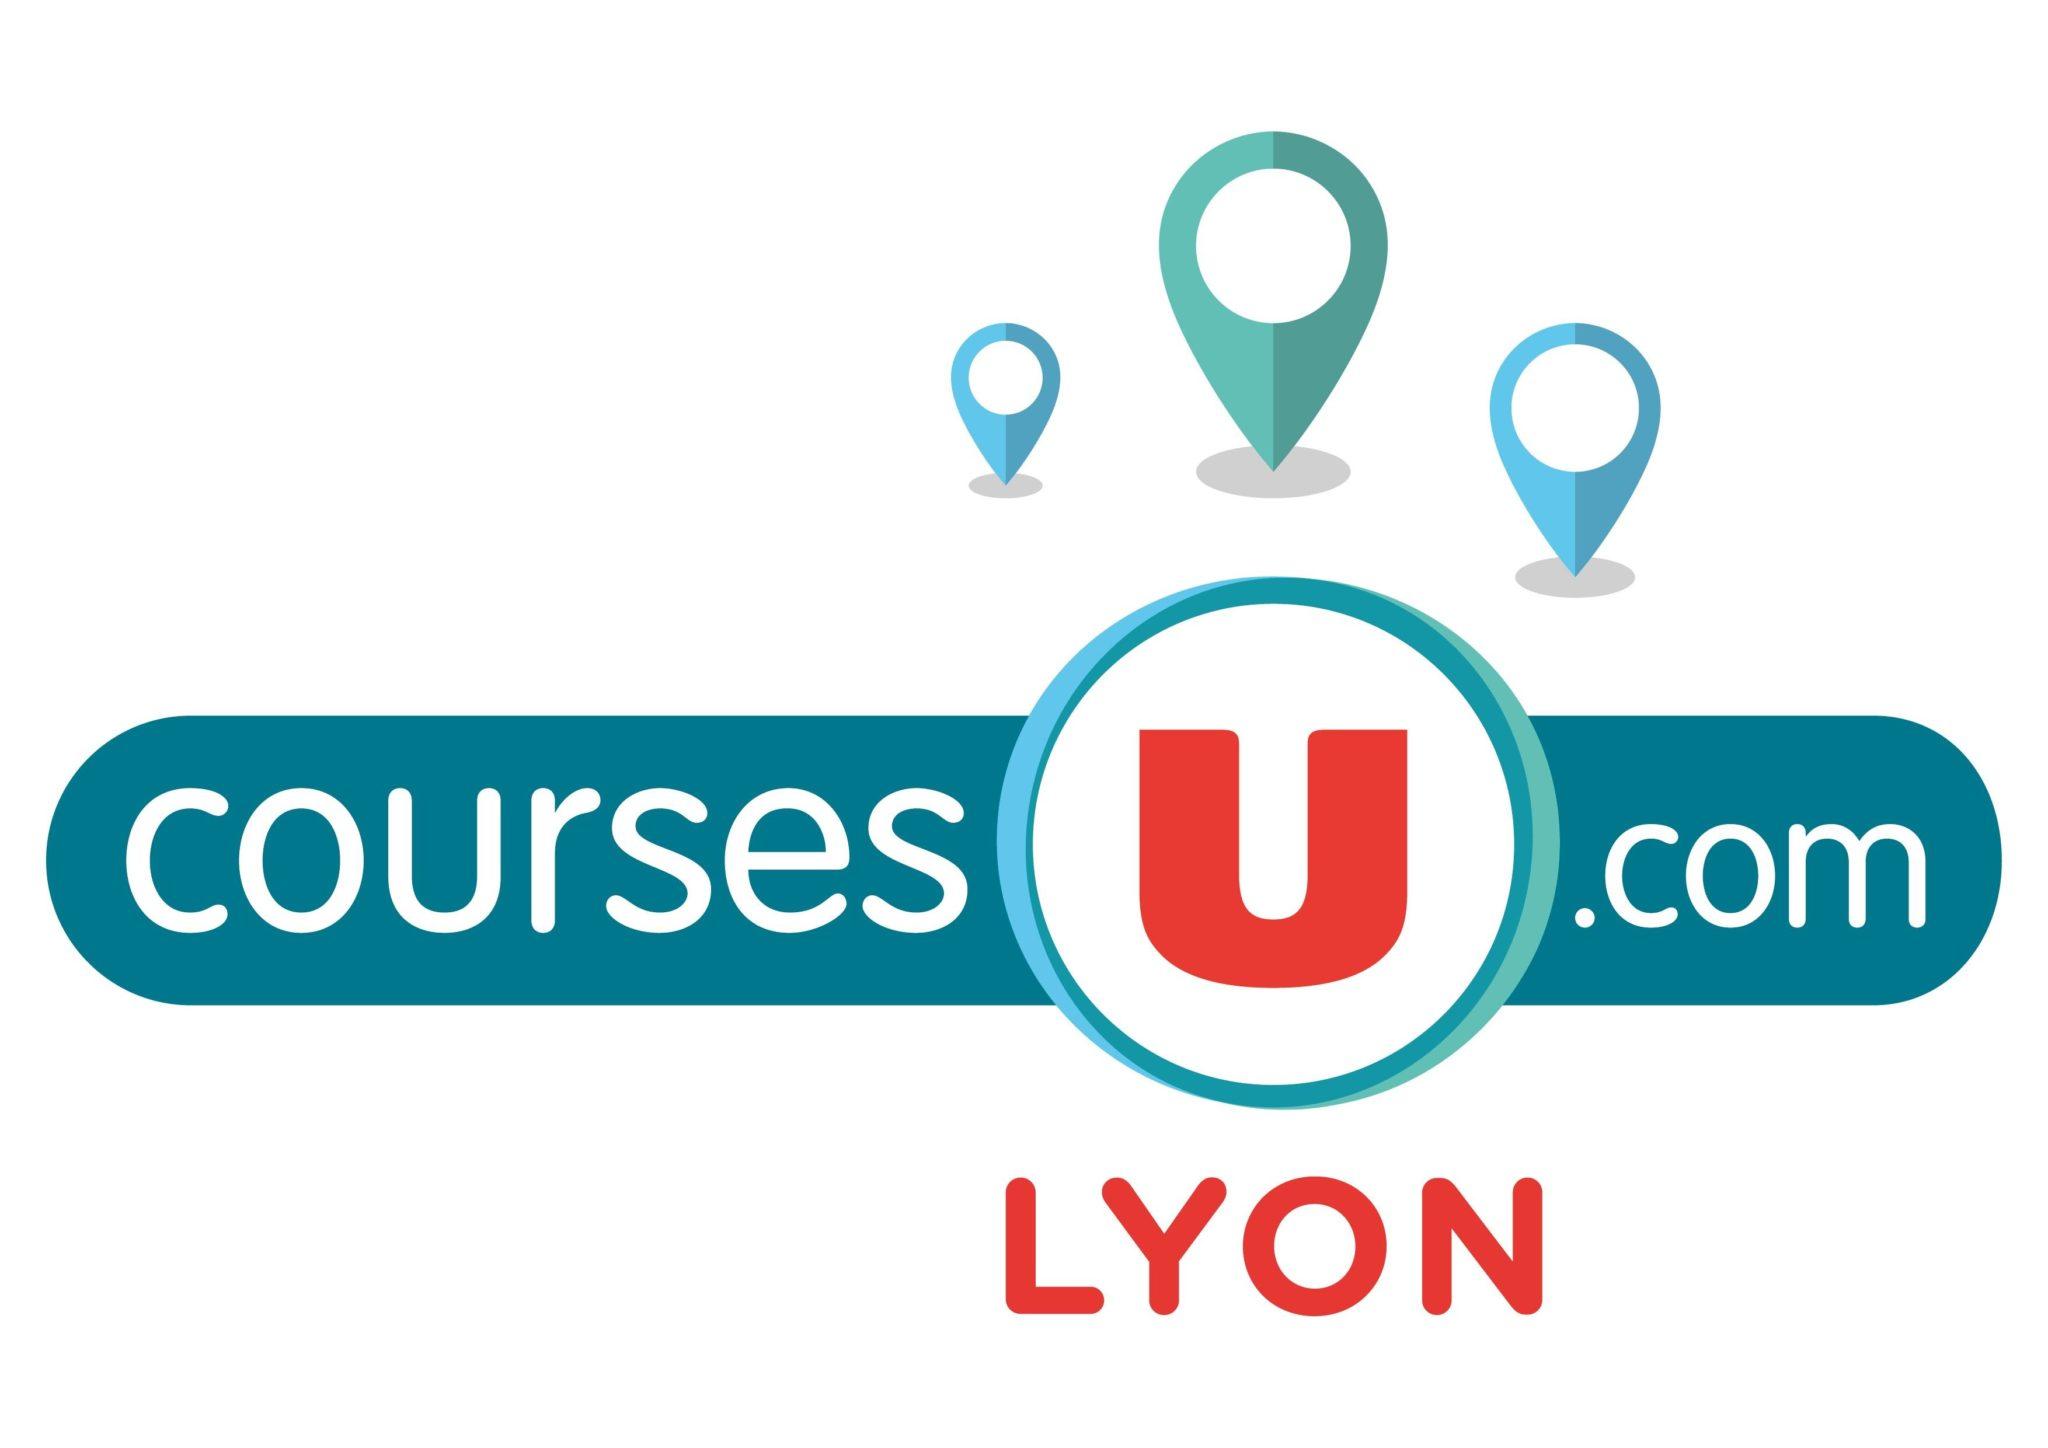 CoursesU.com réinvente sa Supply Chain avec les solutions WMS (YouDrive) et TMS (Routyn)